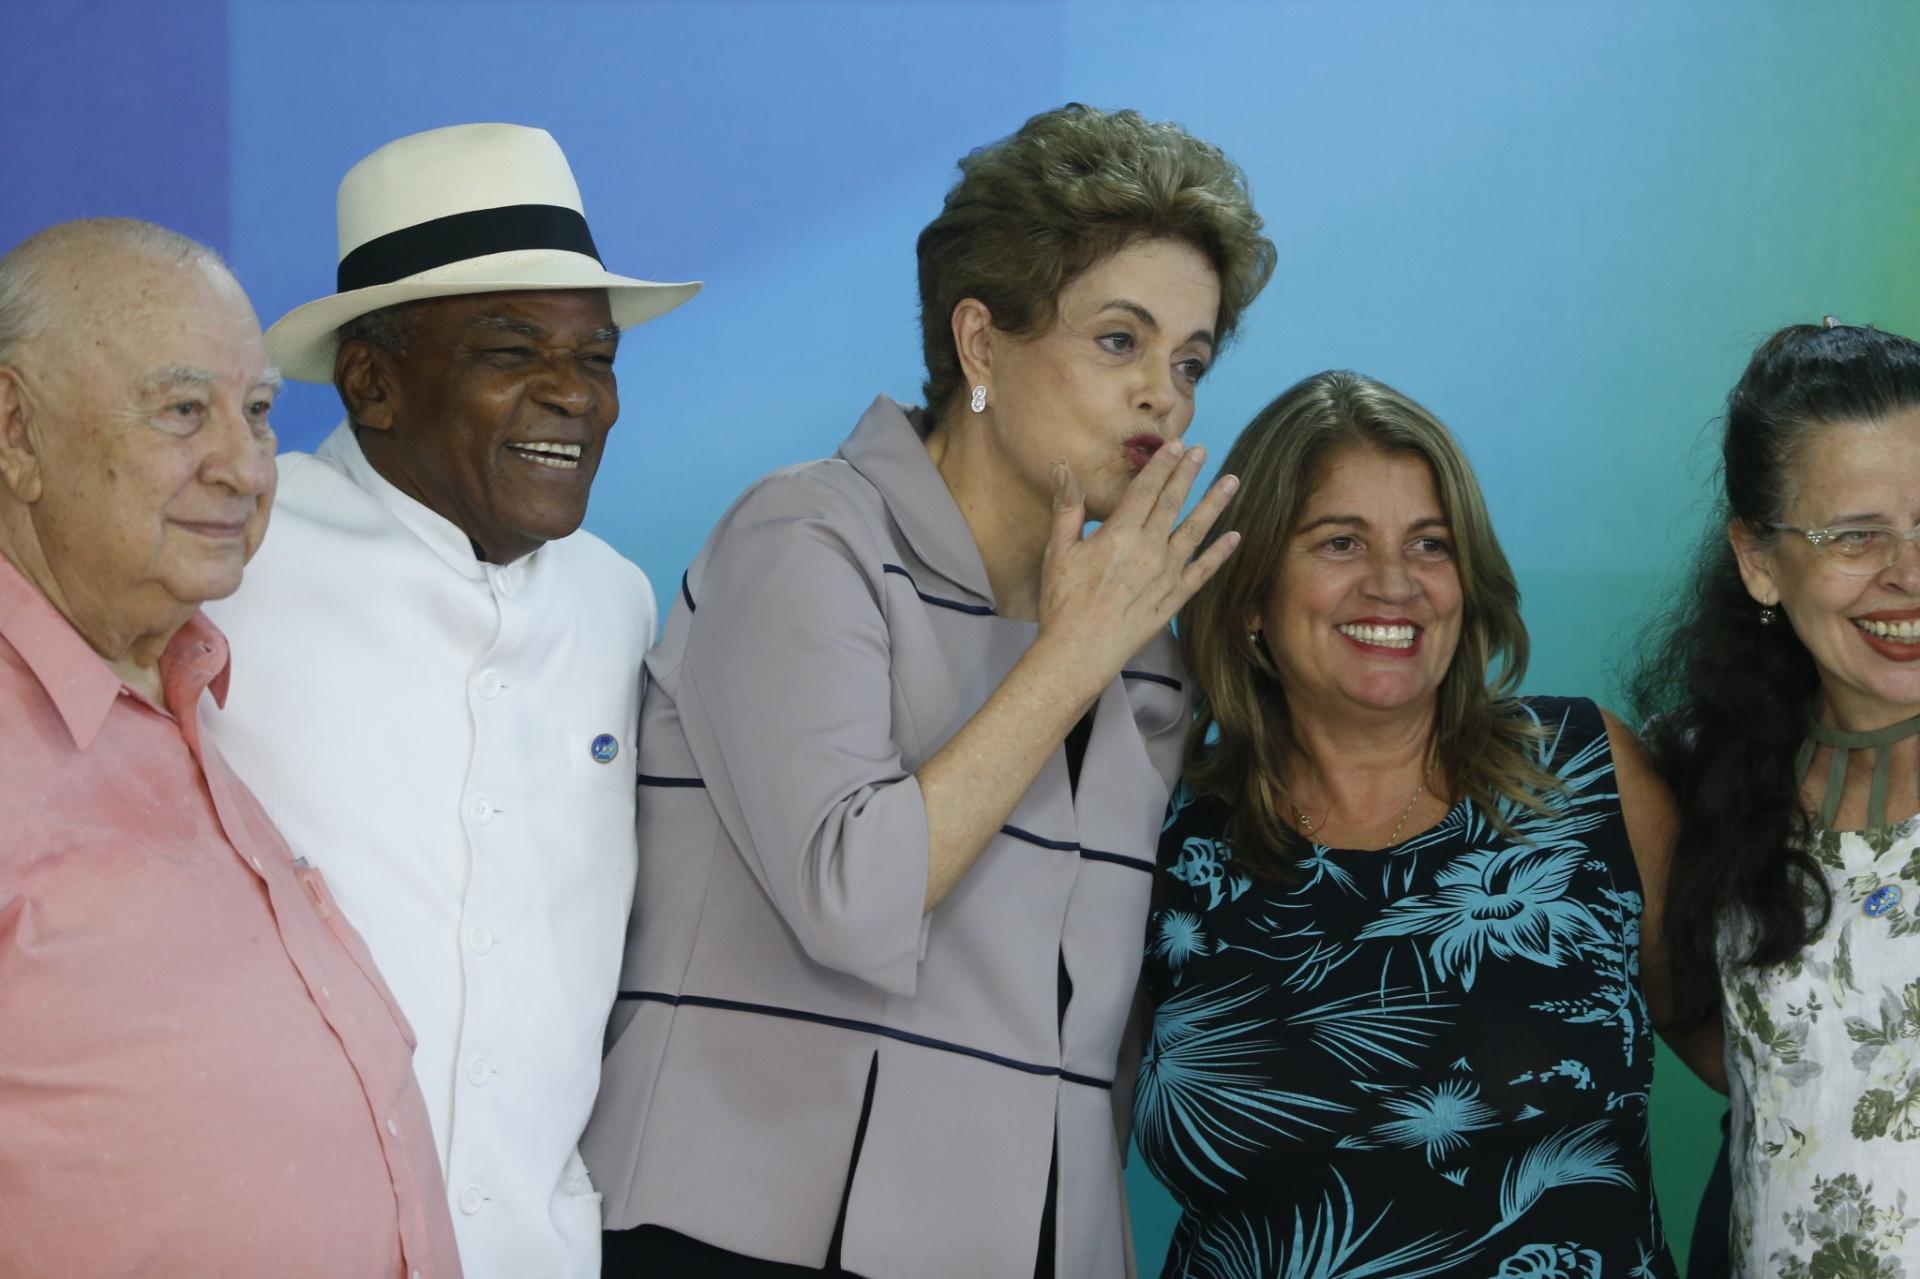 31.mar.2016 - A presidente Dilma Rousseff recebeu artistas e intelectuais no Palácio do Planalto, em Brasília, para um encontro em defesa da democracia. Escritores, cantores, médicos e atores, inclusive o norte-americano Danny Glover, que participou via vídeo, foram convidados pelo governo. Alguns, como a atriz Letícia Sabatella, não chegaram a defender a atuação política da presidente, mas deixaram claro que são contra o impeachment